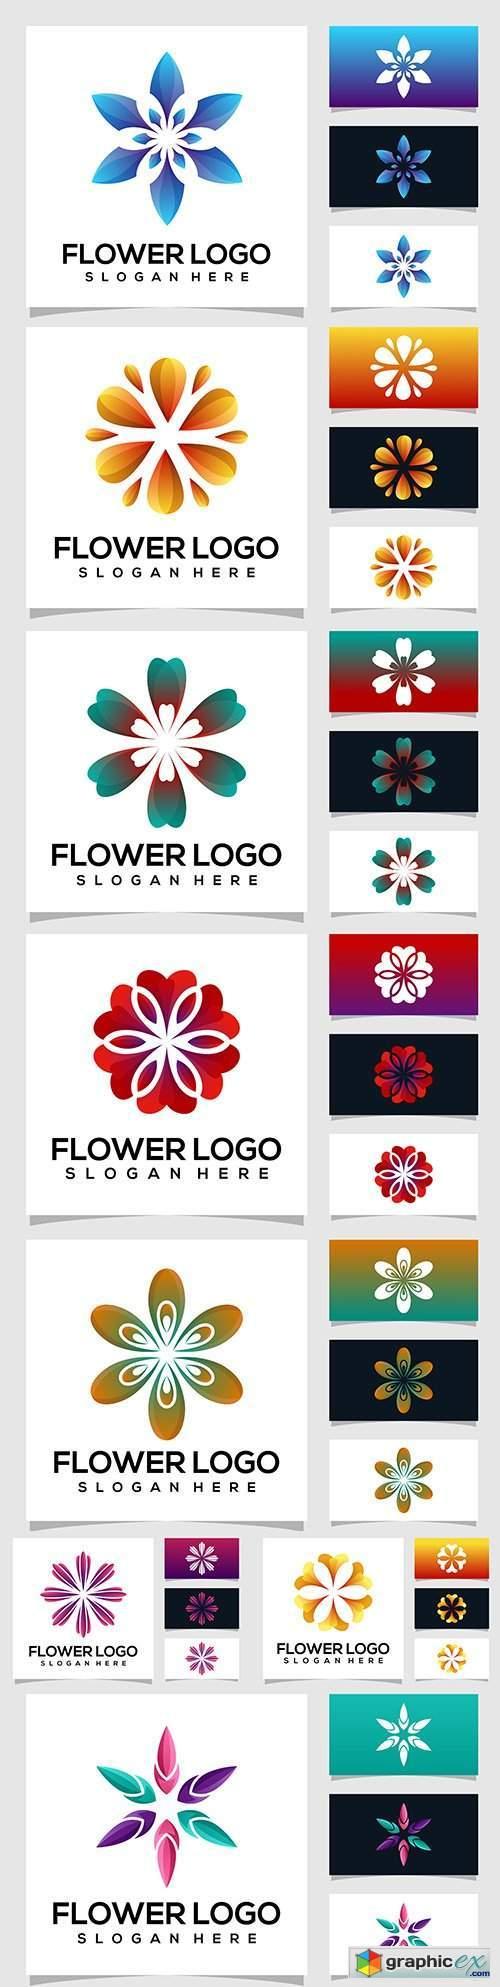 Flower logo color design for business card